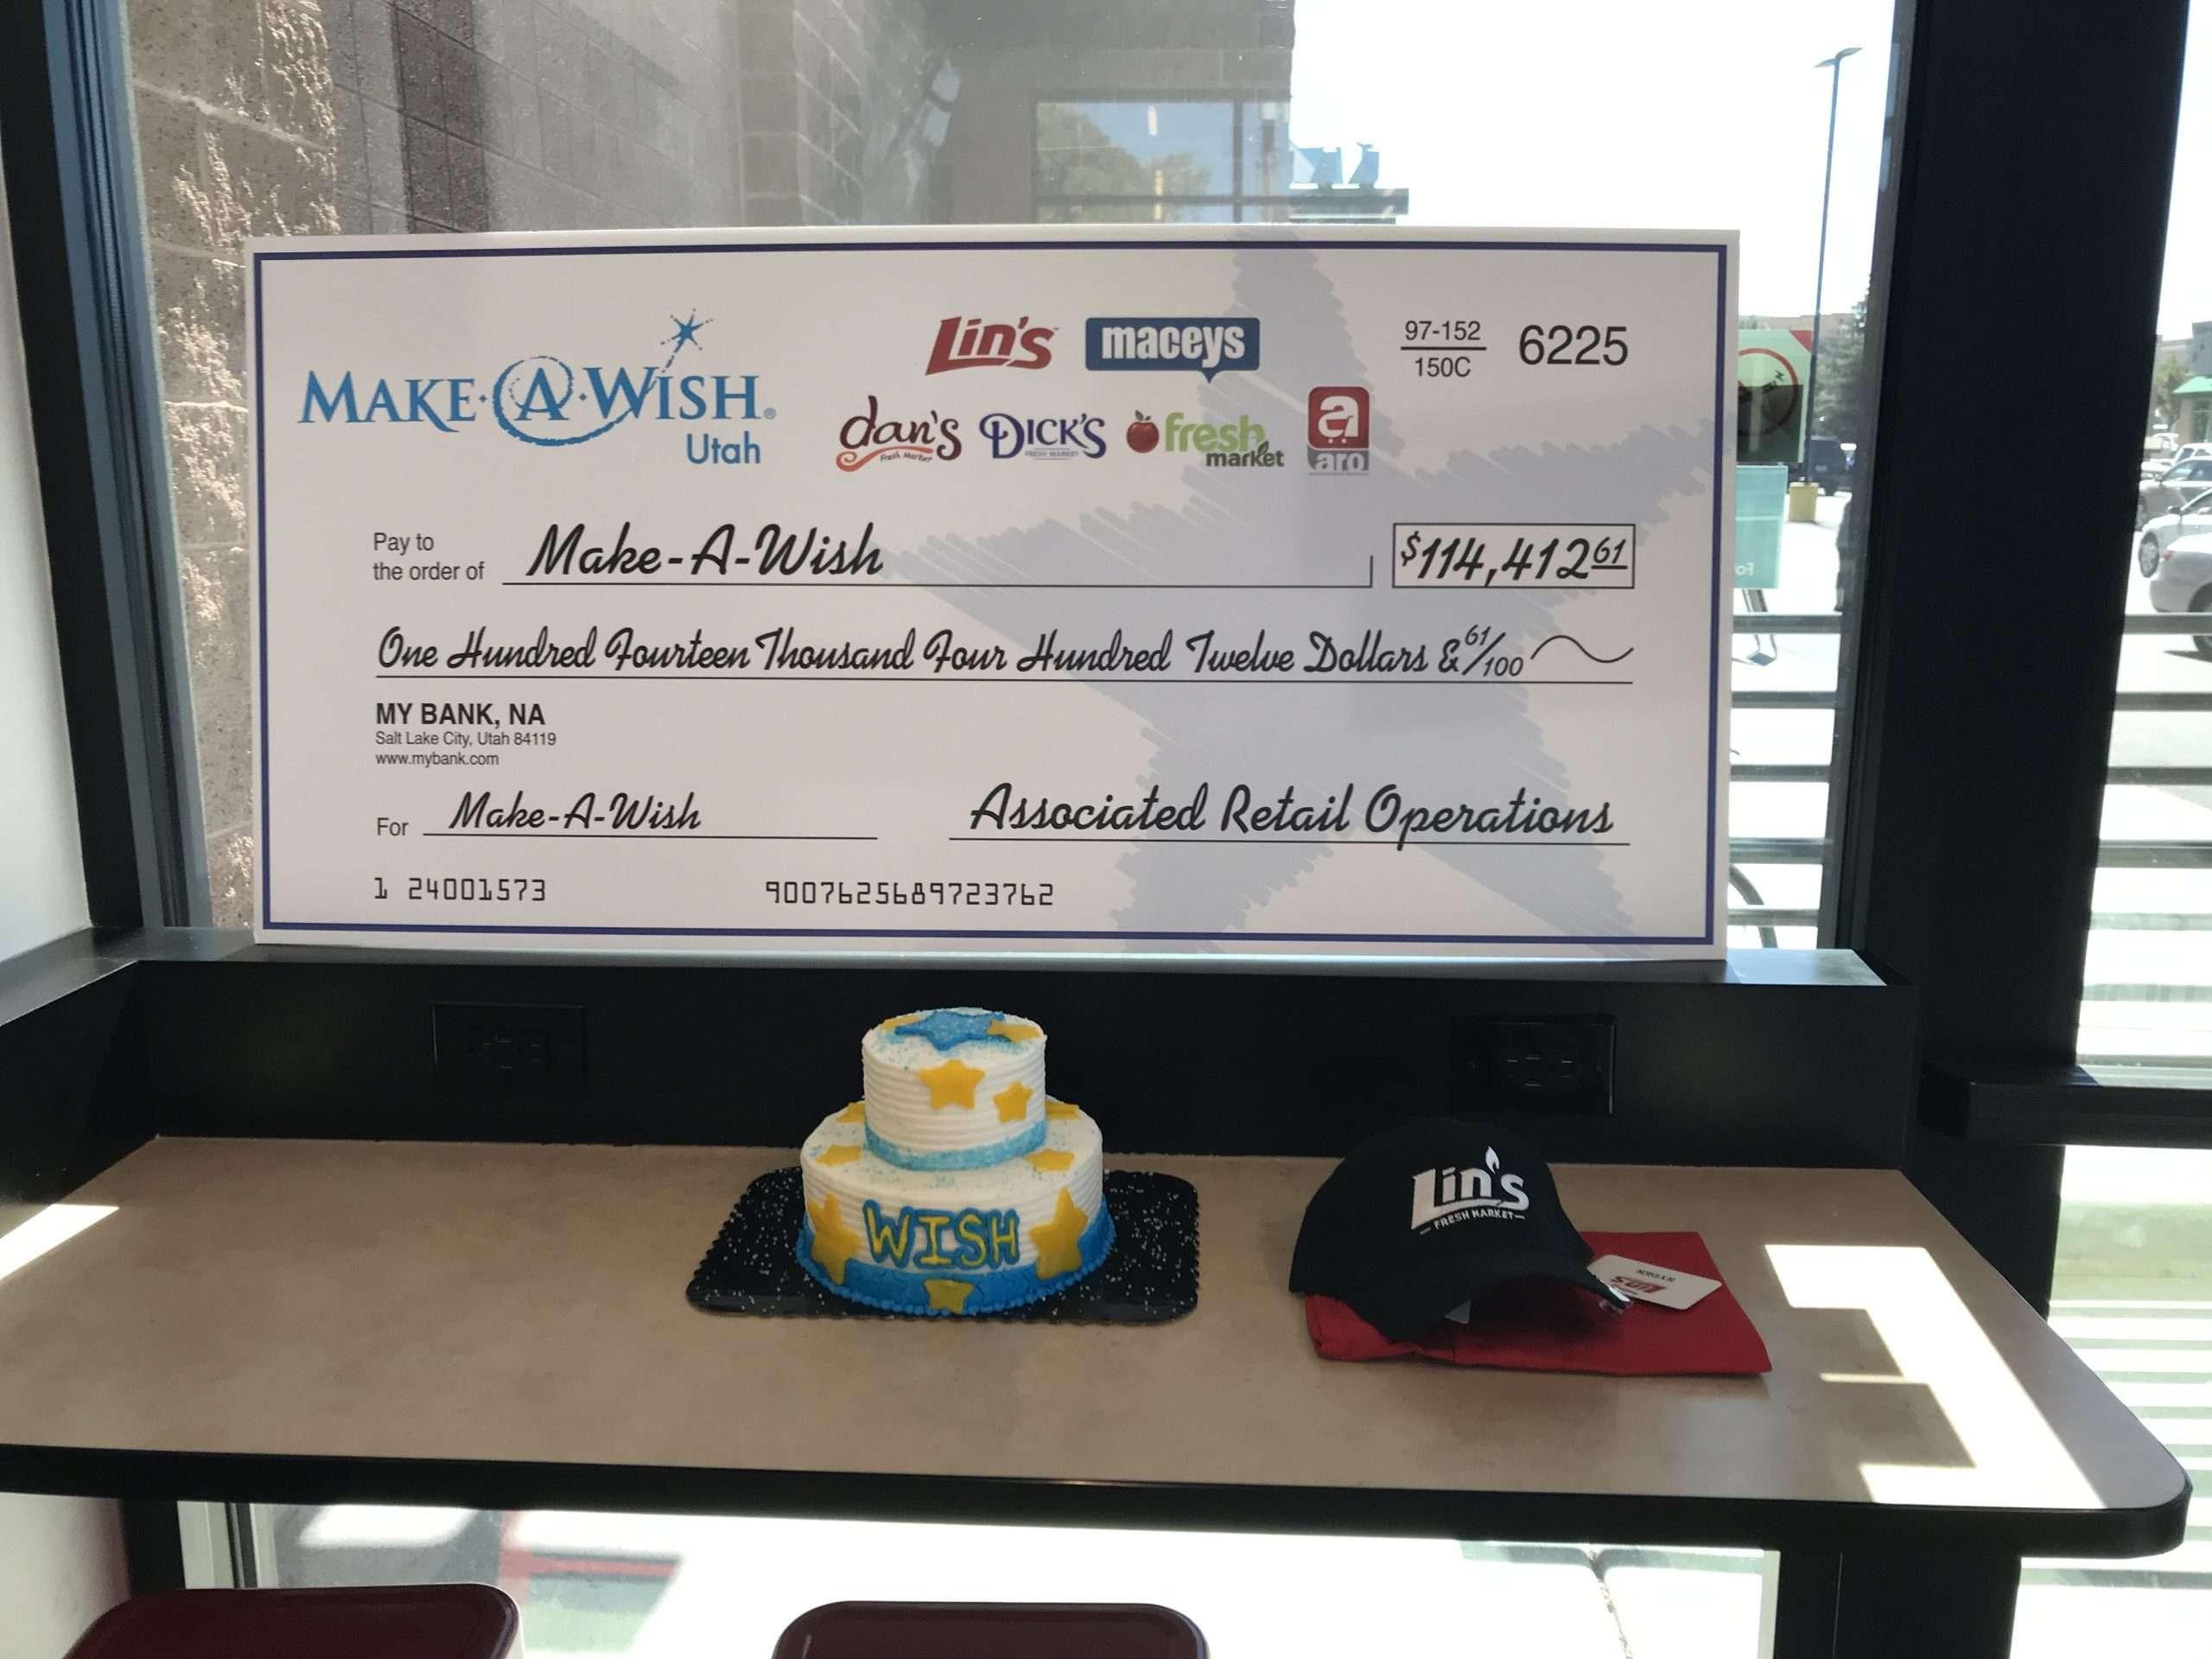 Five Utah Grocery Stores Donate $114,412.61 to Make-A-Wish® Utah